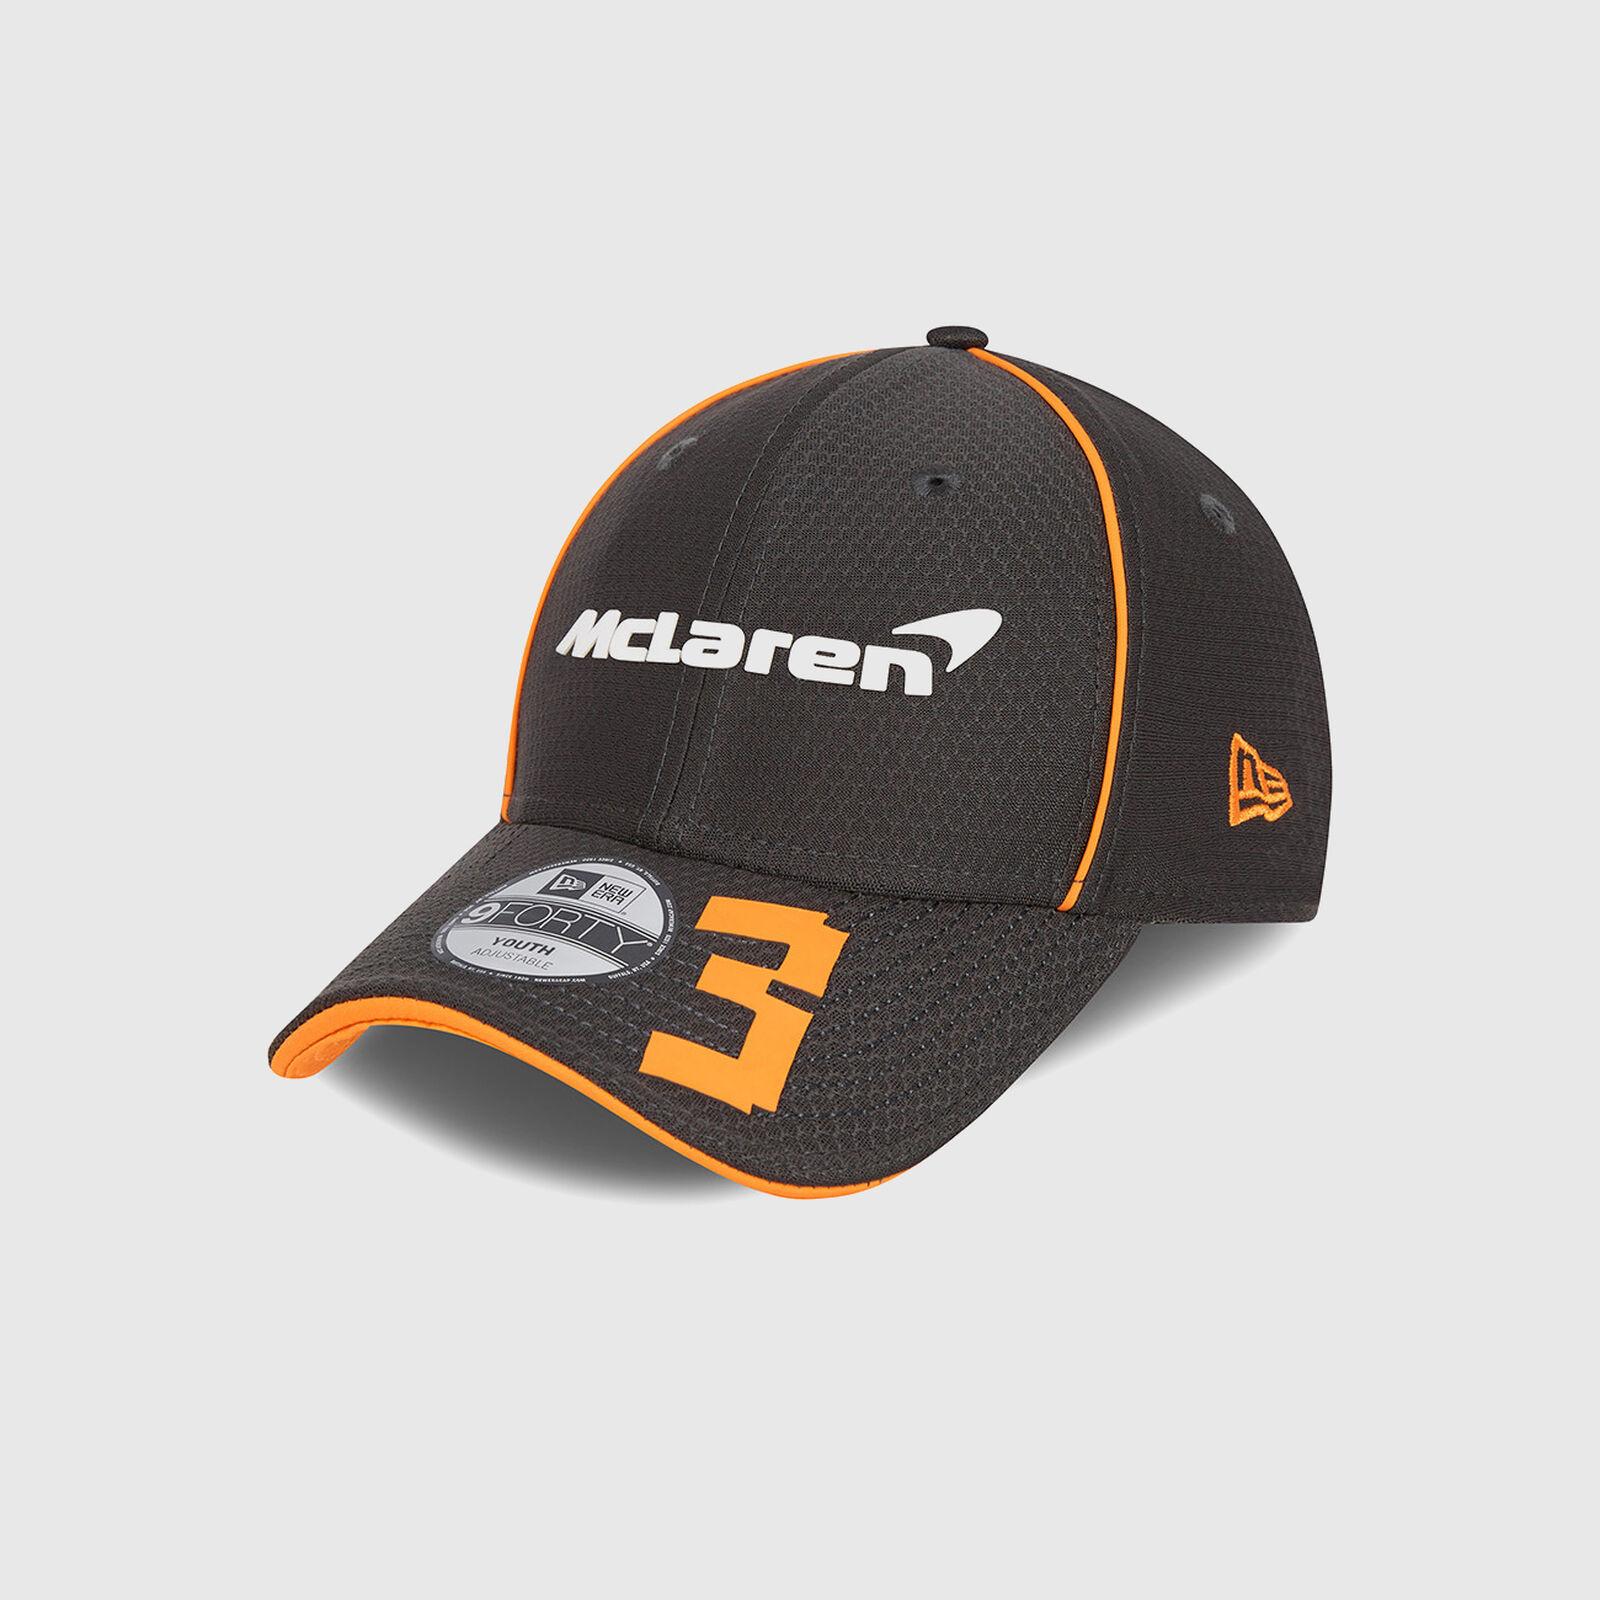 McLaren RP Ricciardo Cap 2021